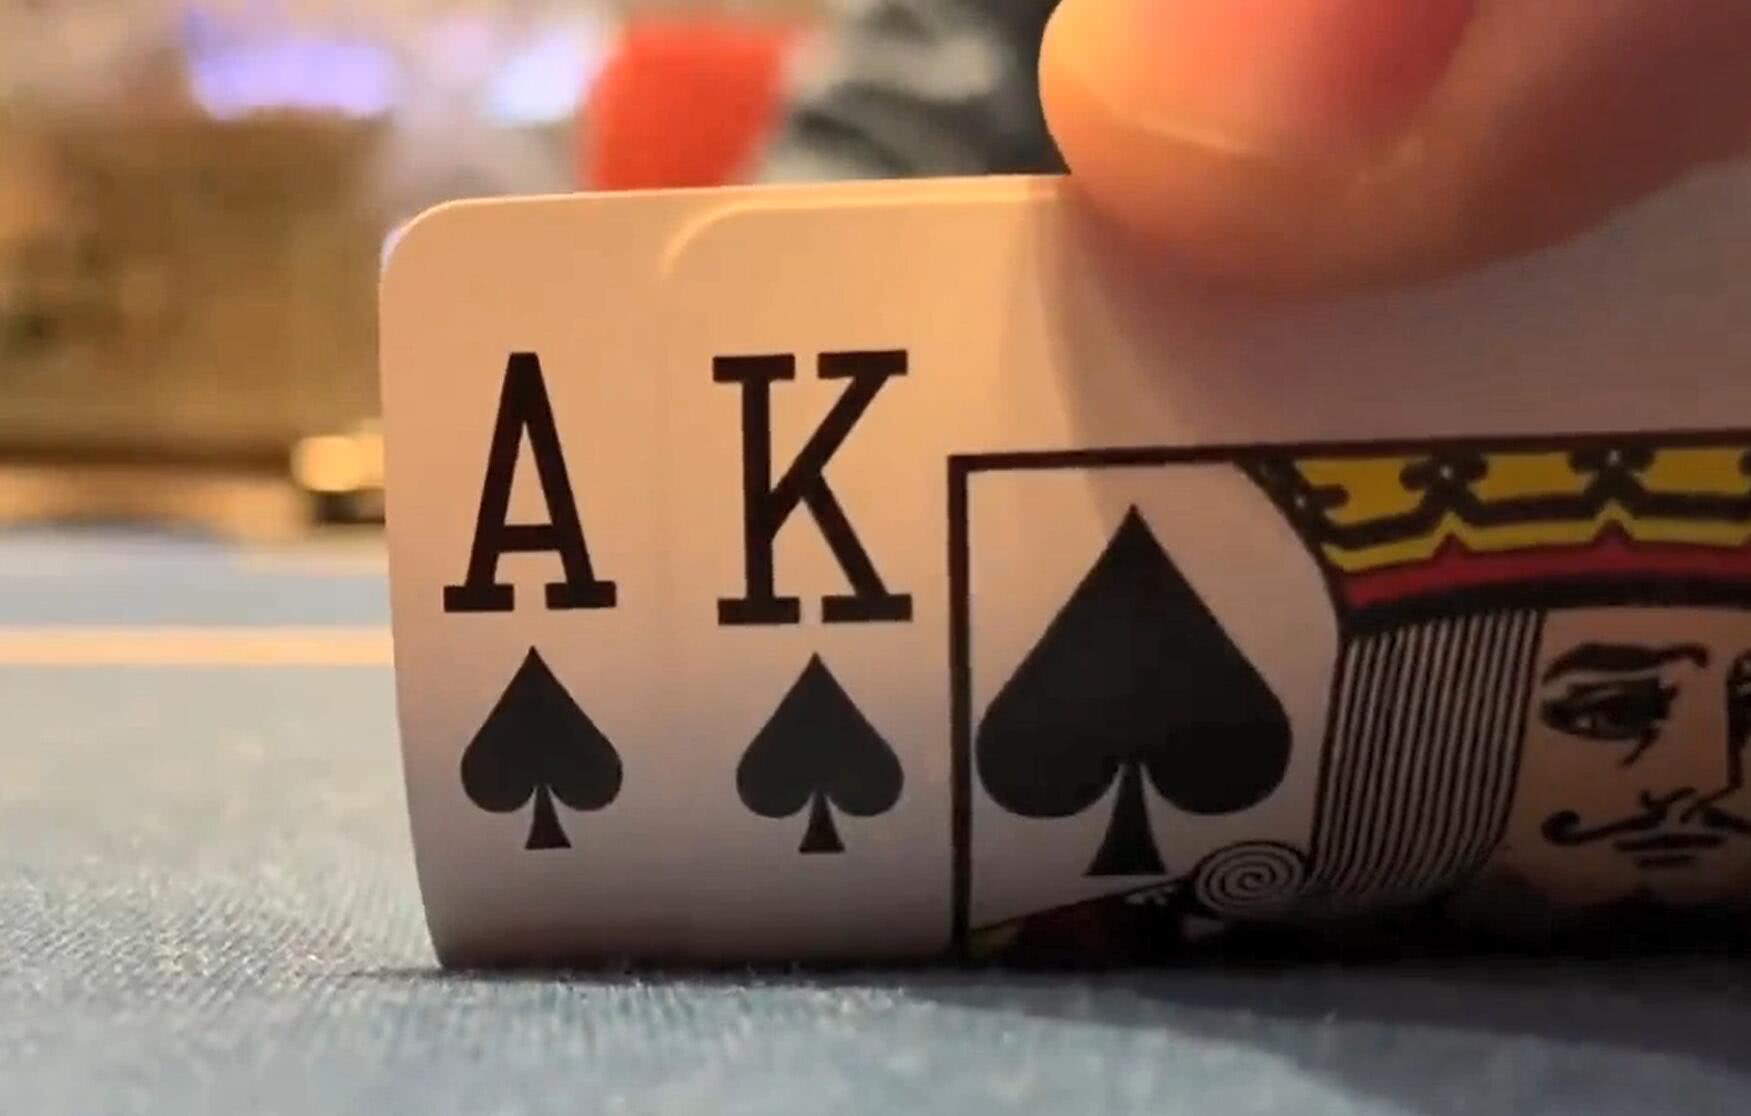 【辣眼视频】AQ嗨牌神读牌抓诈唬?AK中葫芦却说没毛用?99高对却不敢玩?